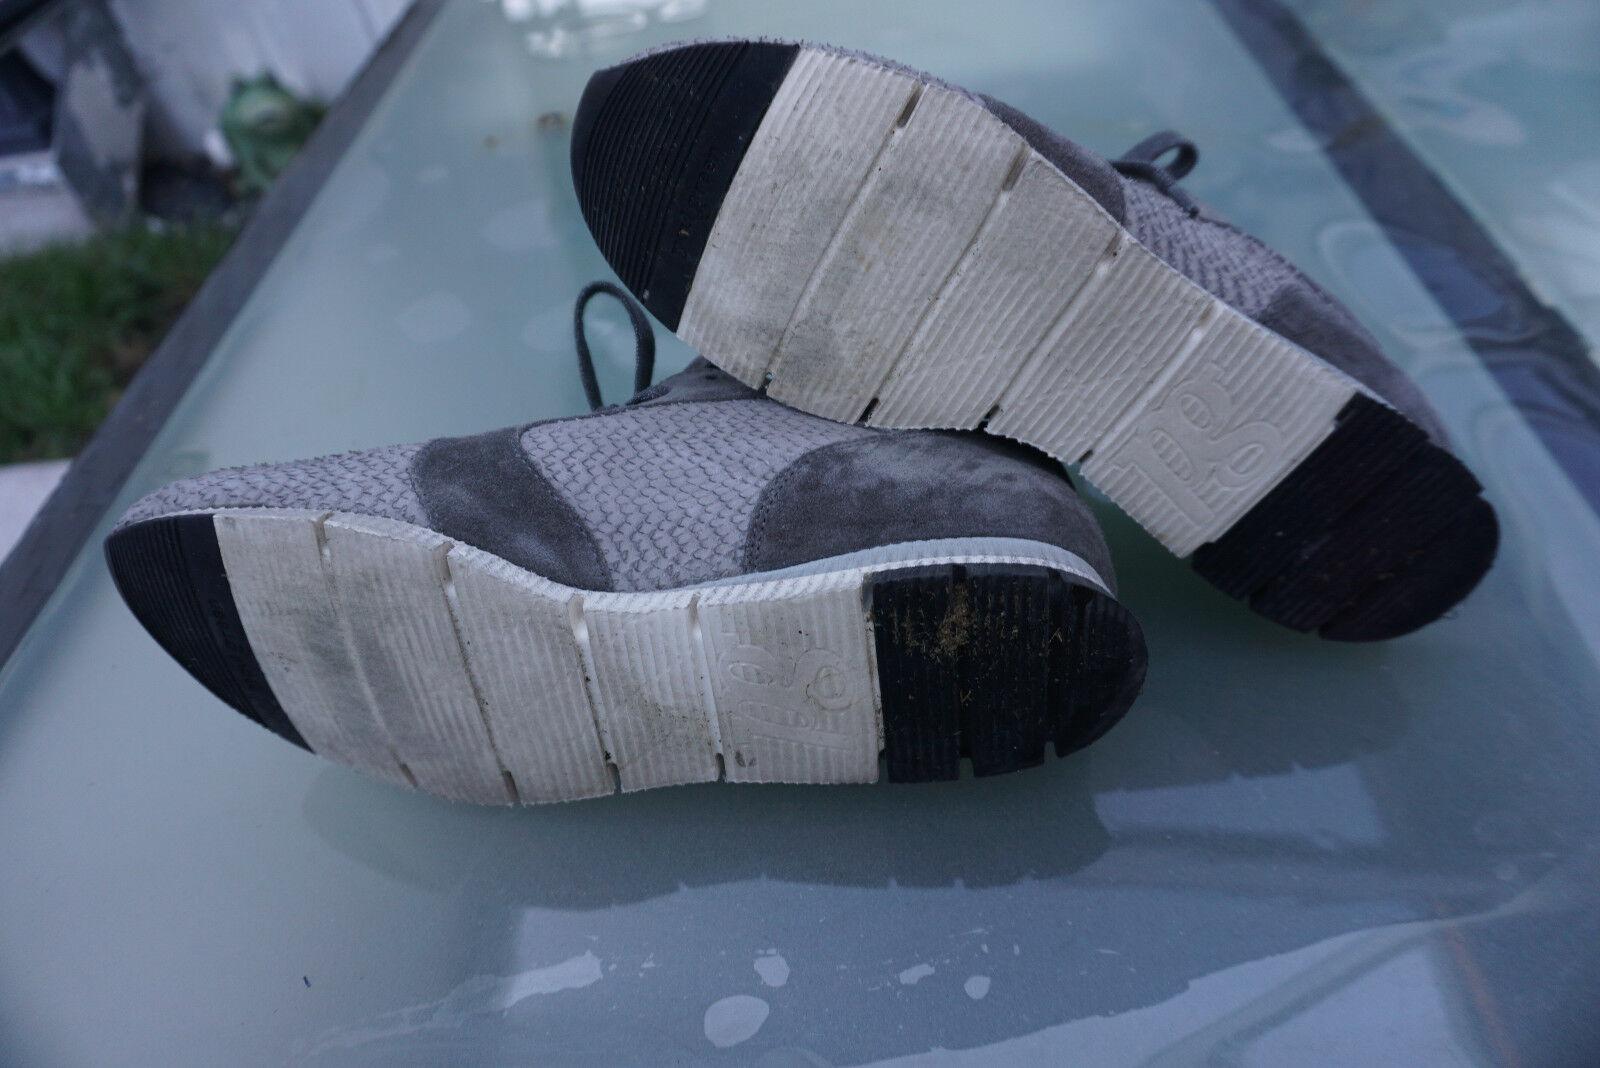 Bequeme PAUL GREEN Damen Schuhe Sneaker Laufschuhe Gr.6 / TOP 40 Leder Grau TOP / 548f68